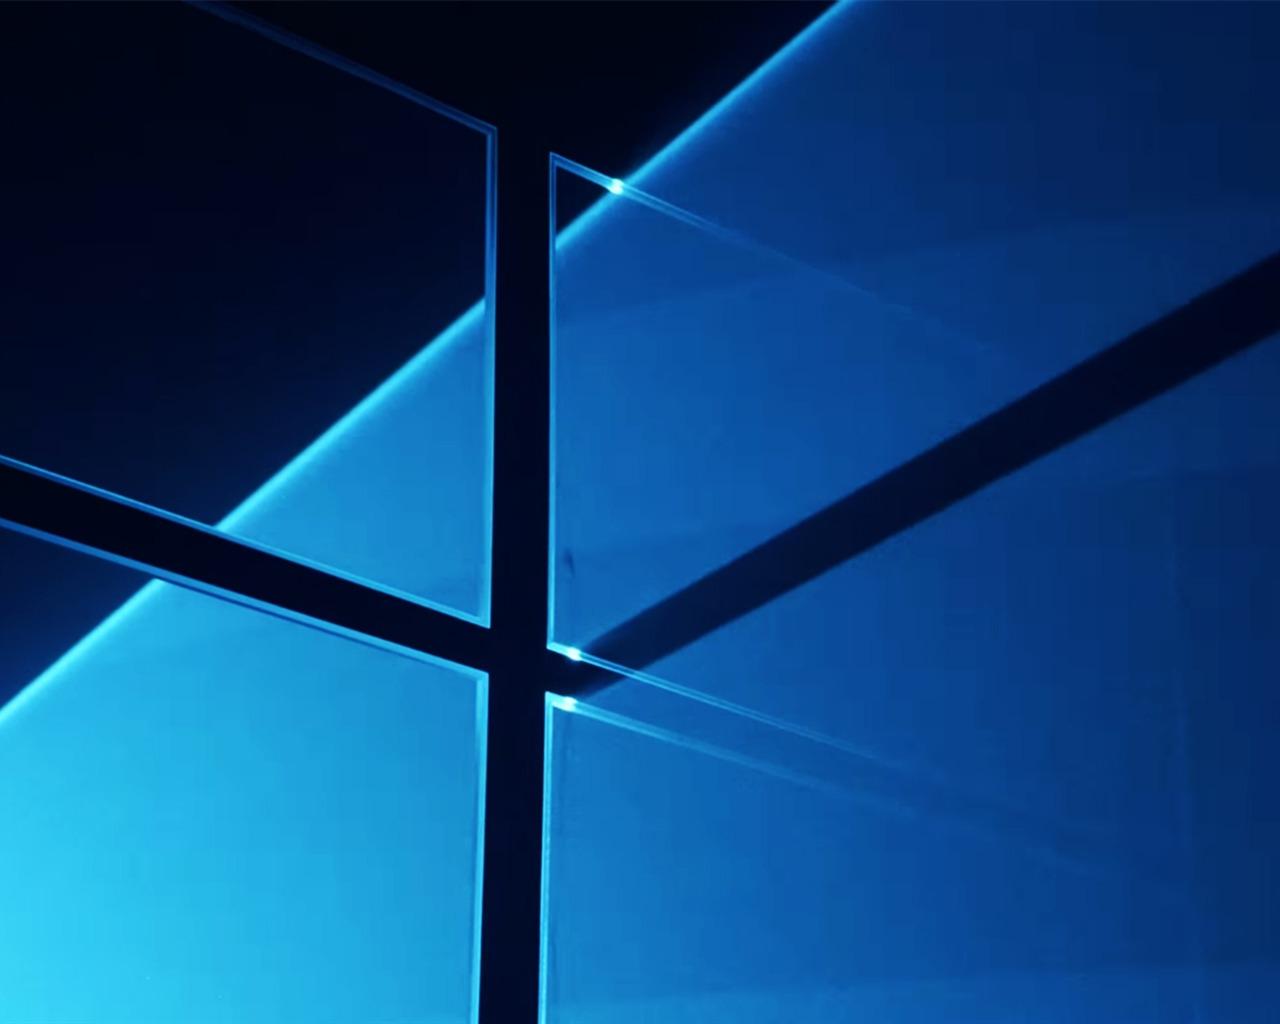 windows,  microsoft, anniversary, update, кот  № 1182164 загрузить